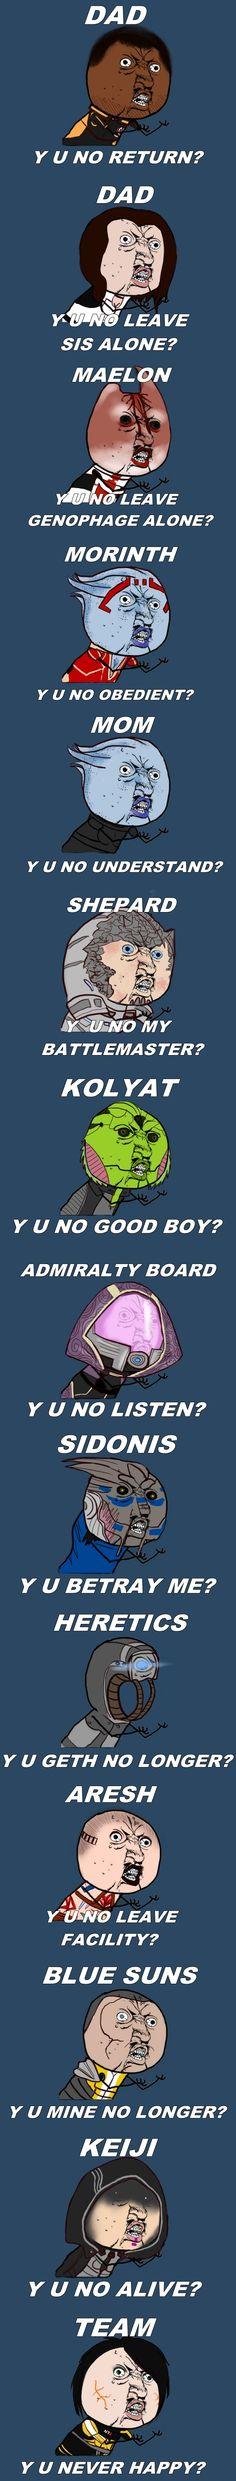 Mass Effect Crew, y u no ever happy?!